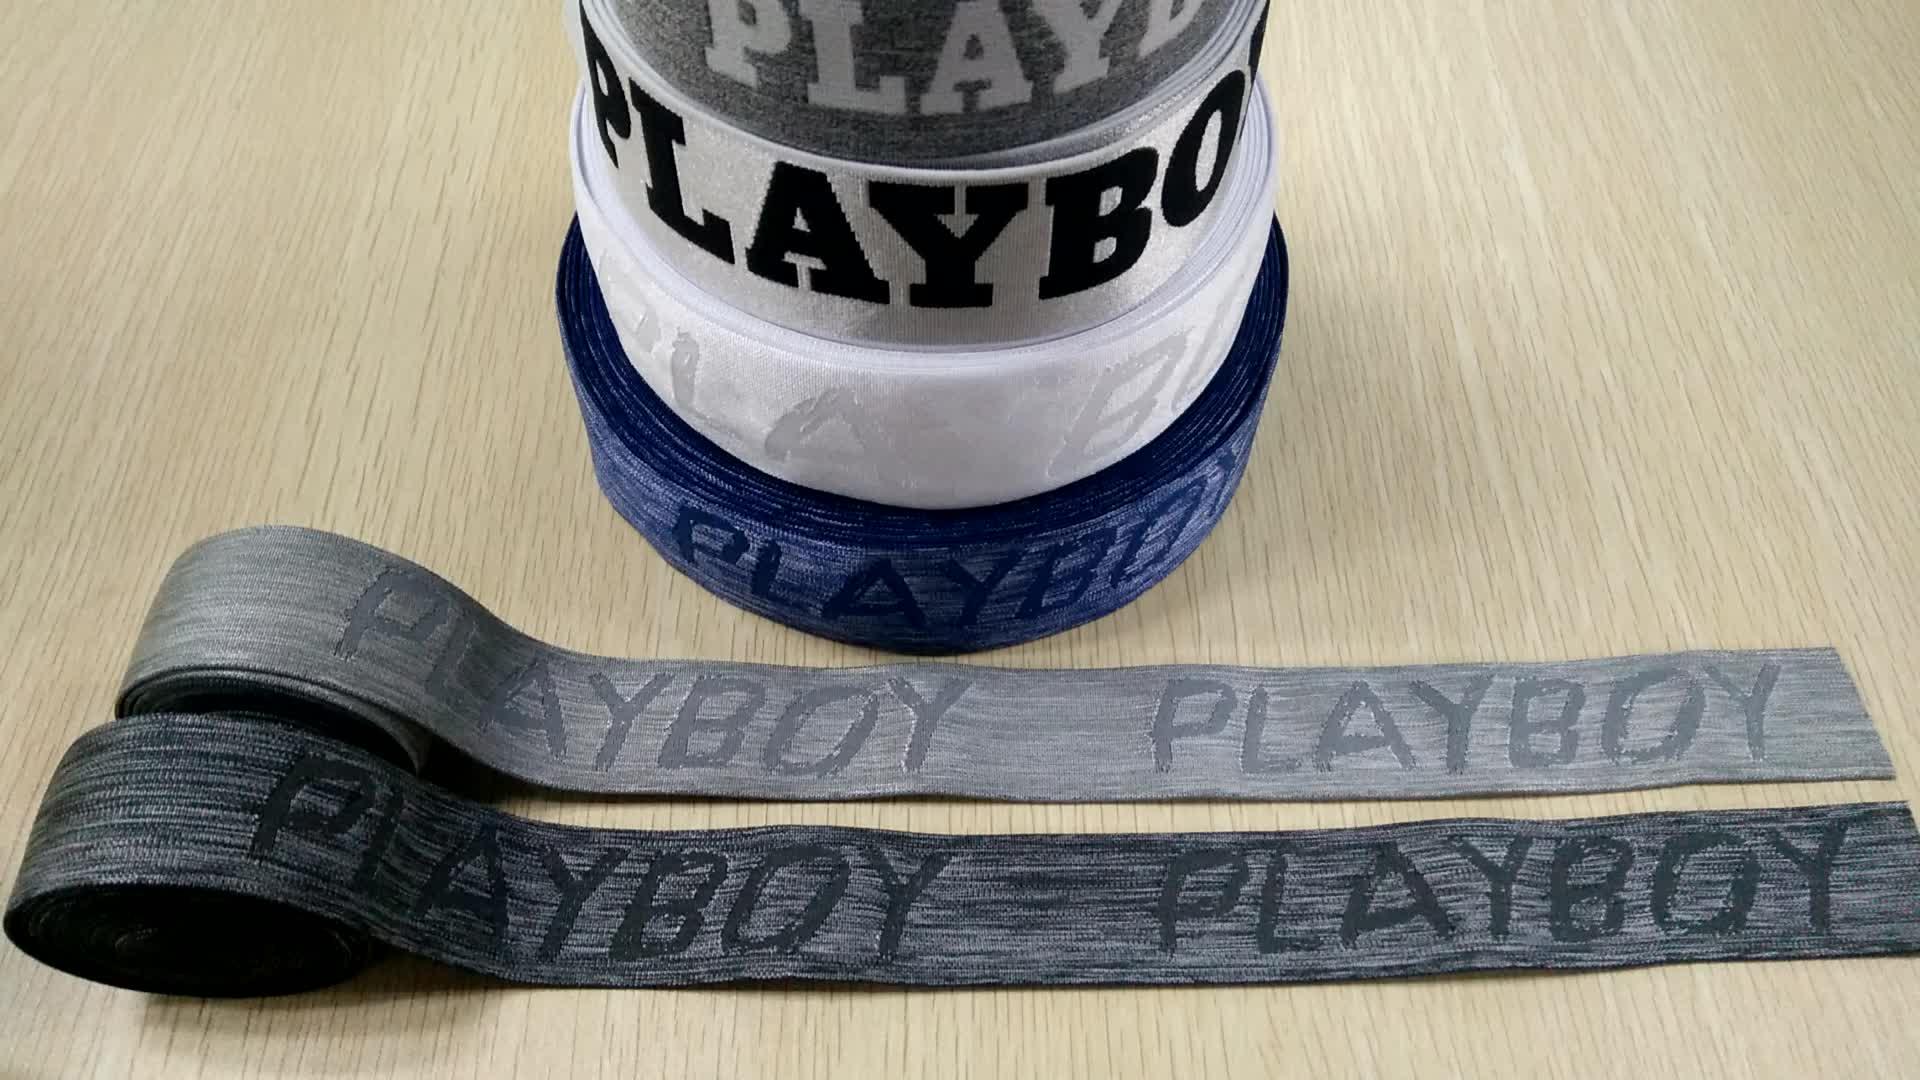 Gesublimeerd elastische tailleband Jacquard custom gedrukt elastische band voor ondergoed